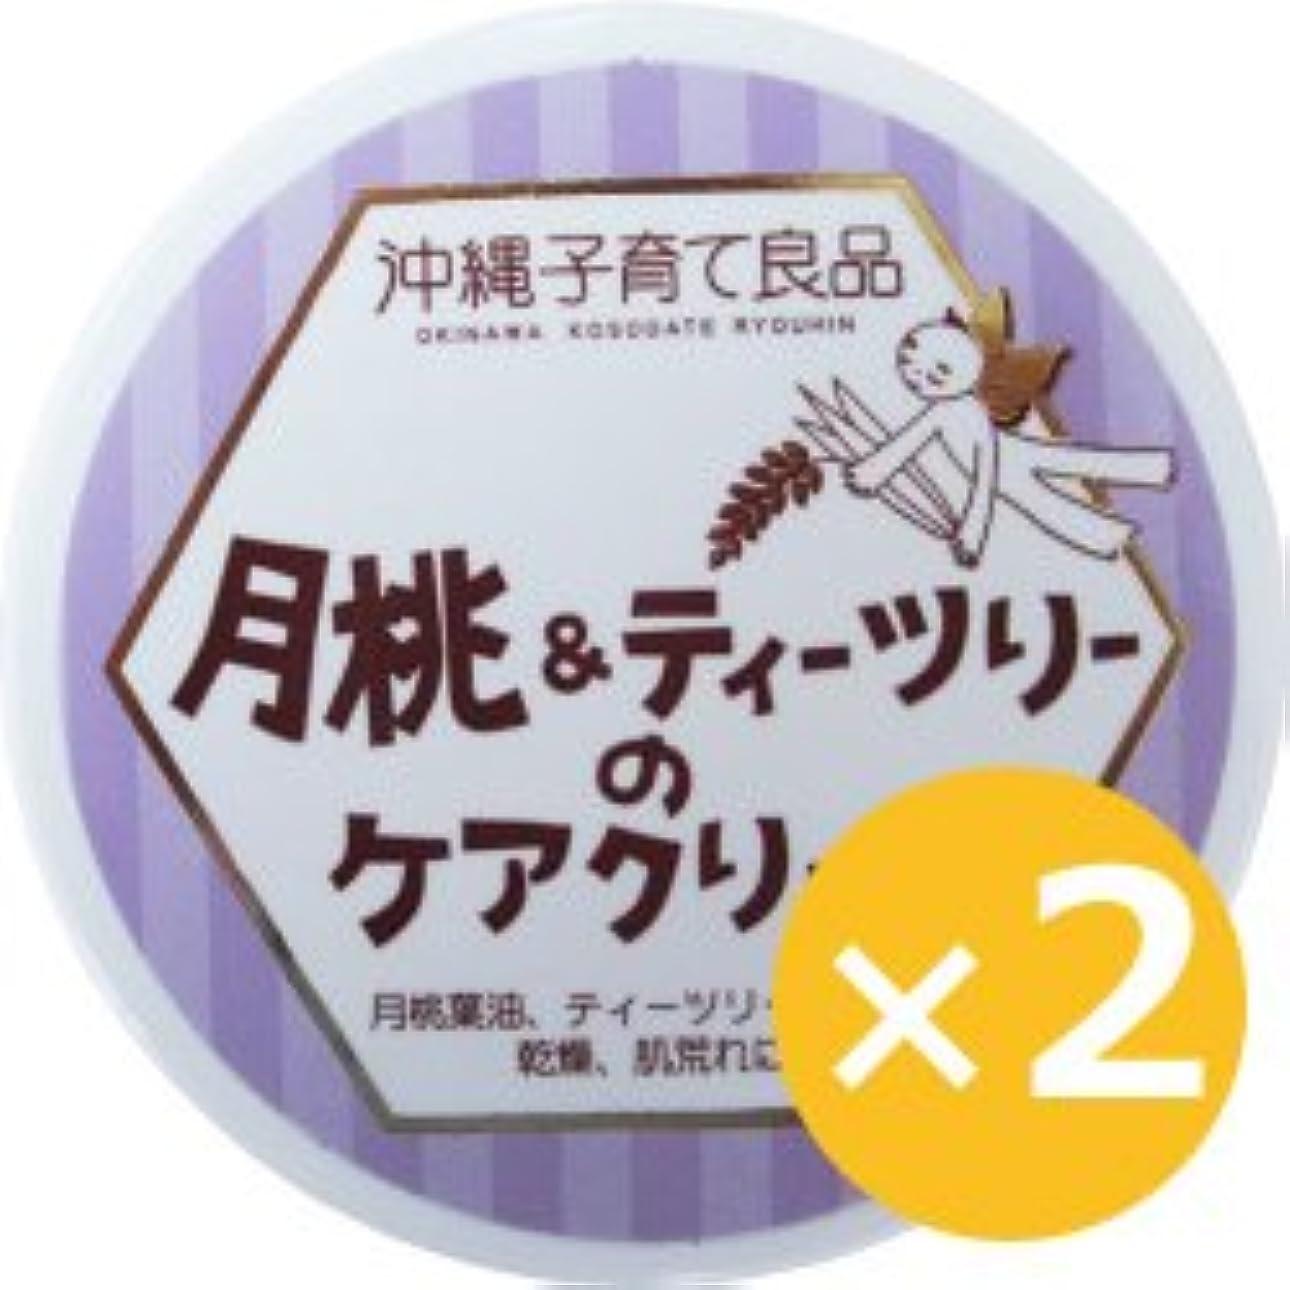 実質的に牛肉断言する月桃&ティーツリークリーム 25g×2